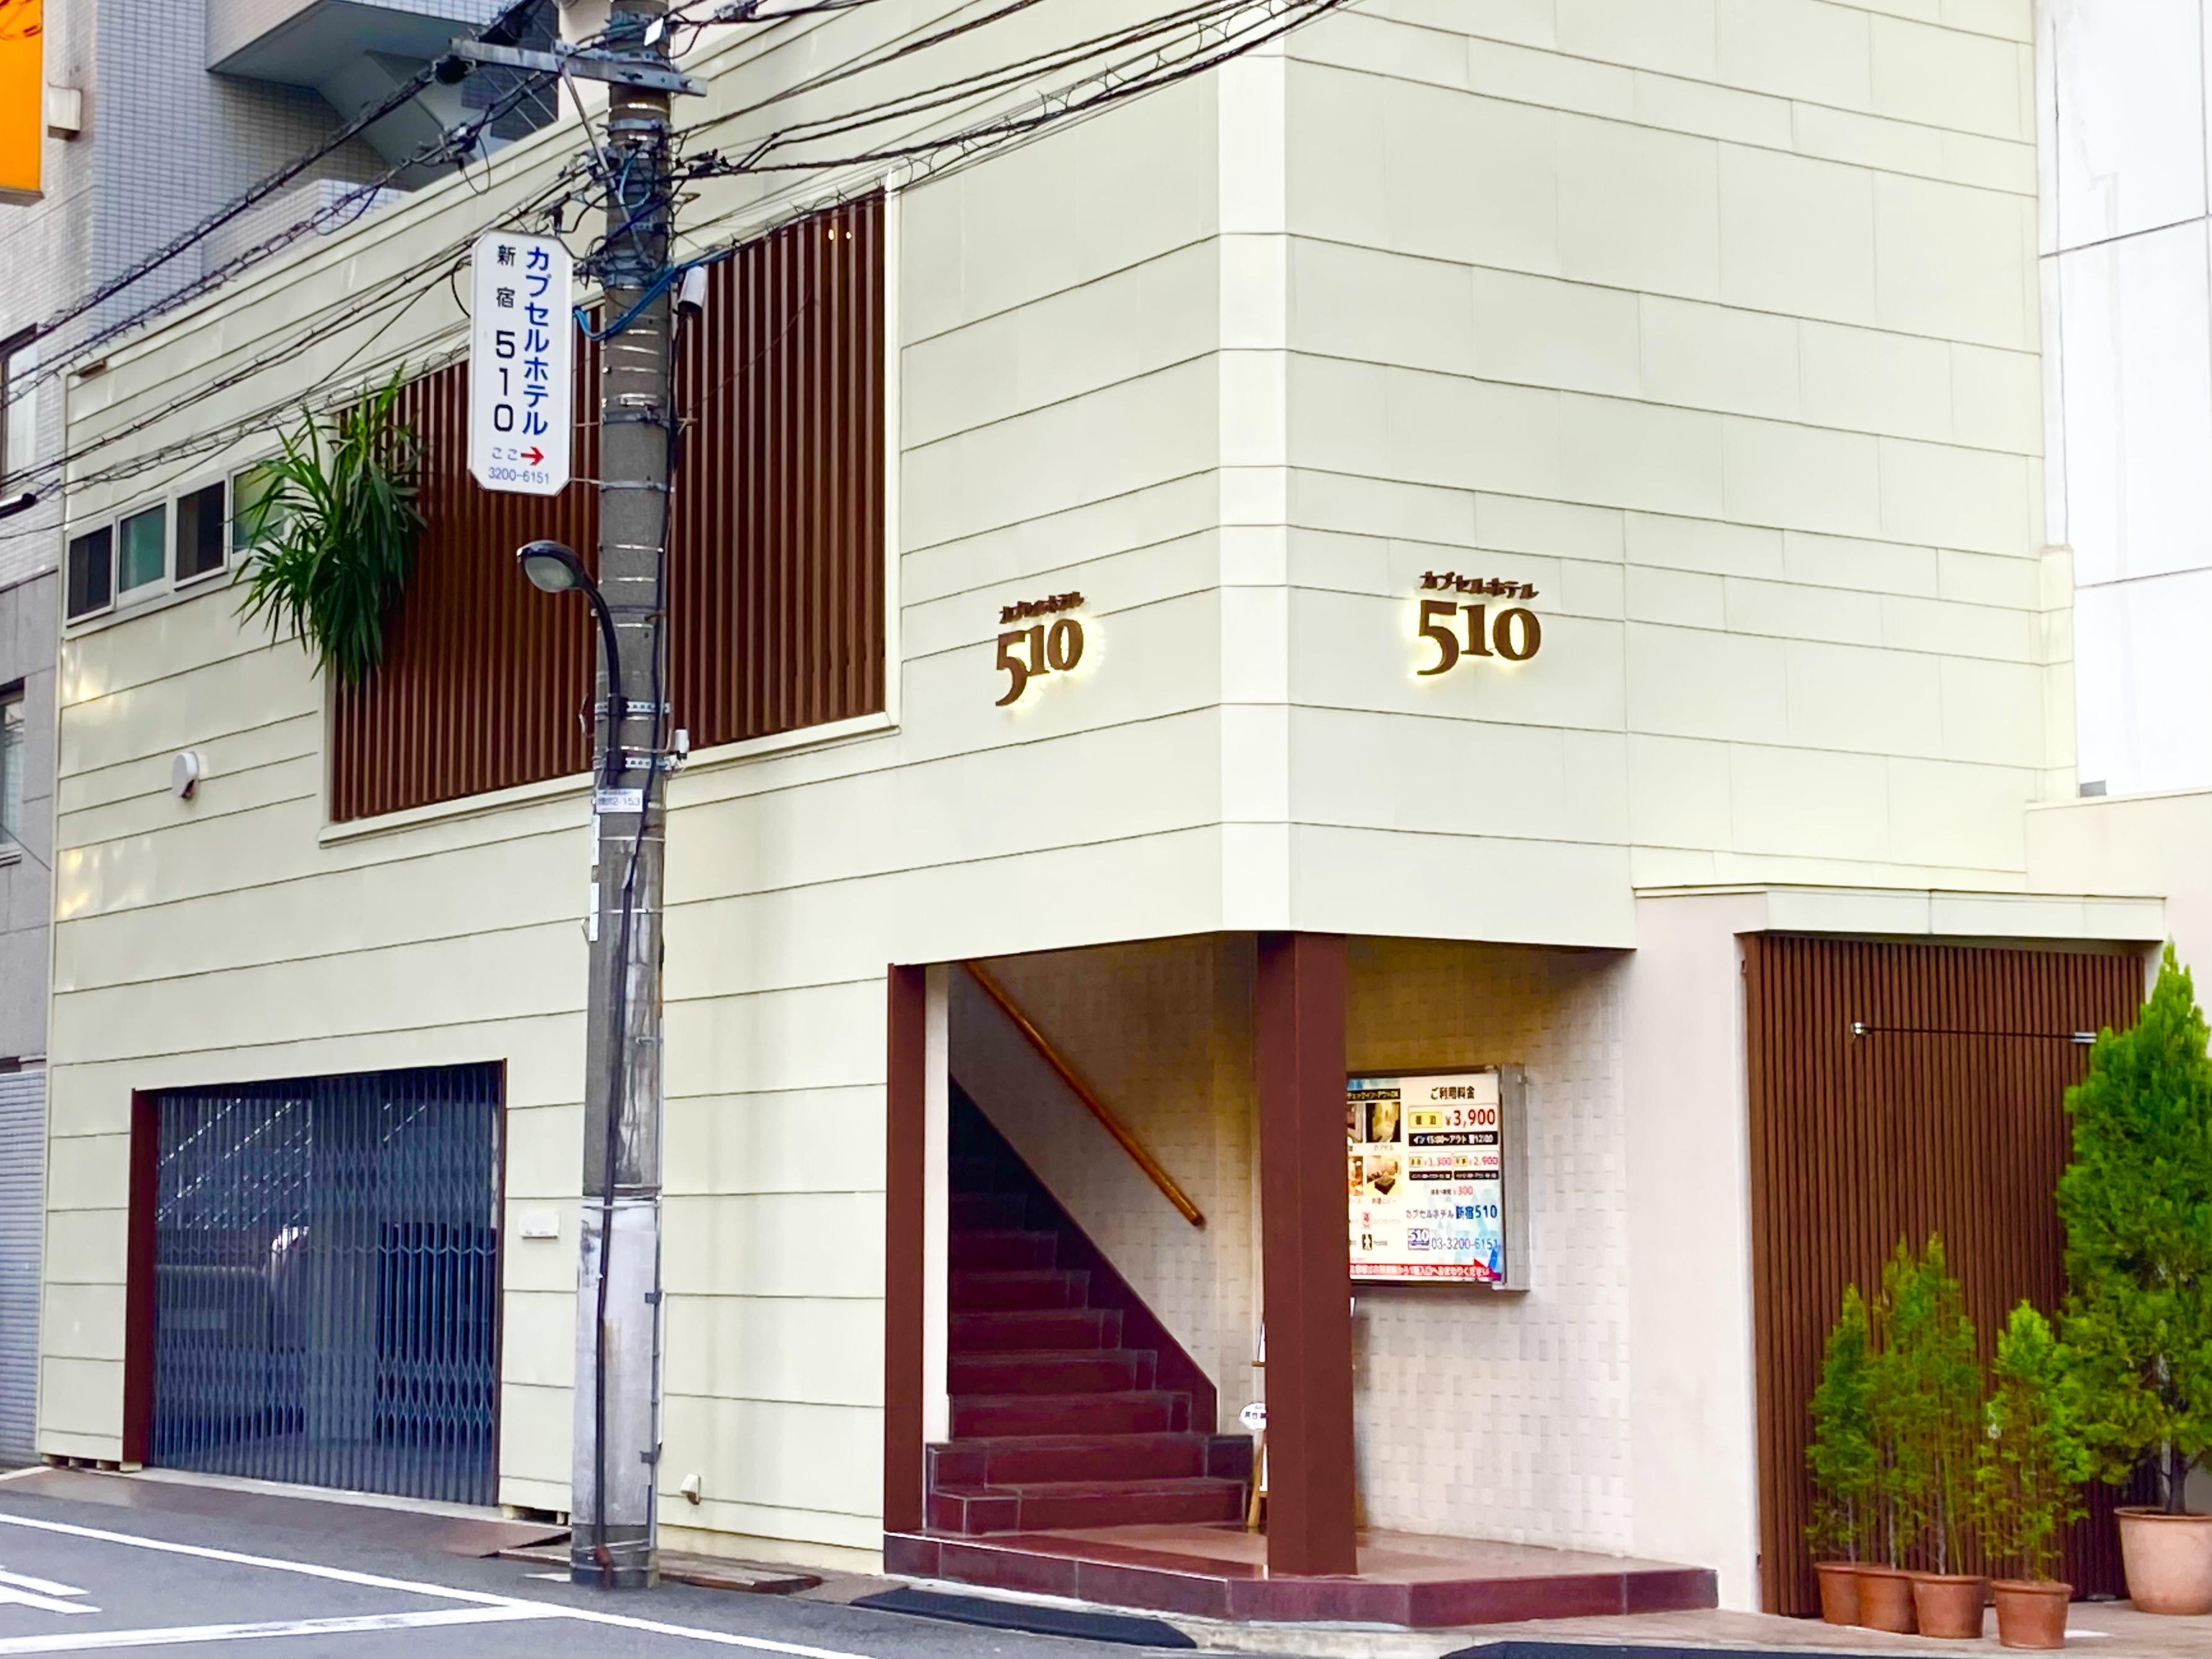 カプセルホテル 新宿510◆楽天トラベル